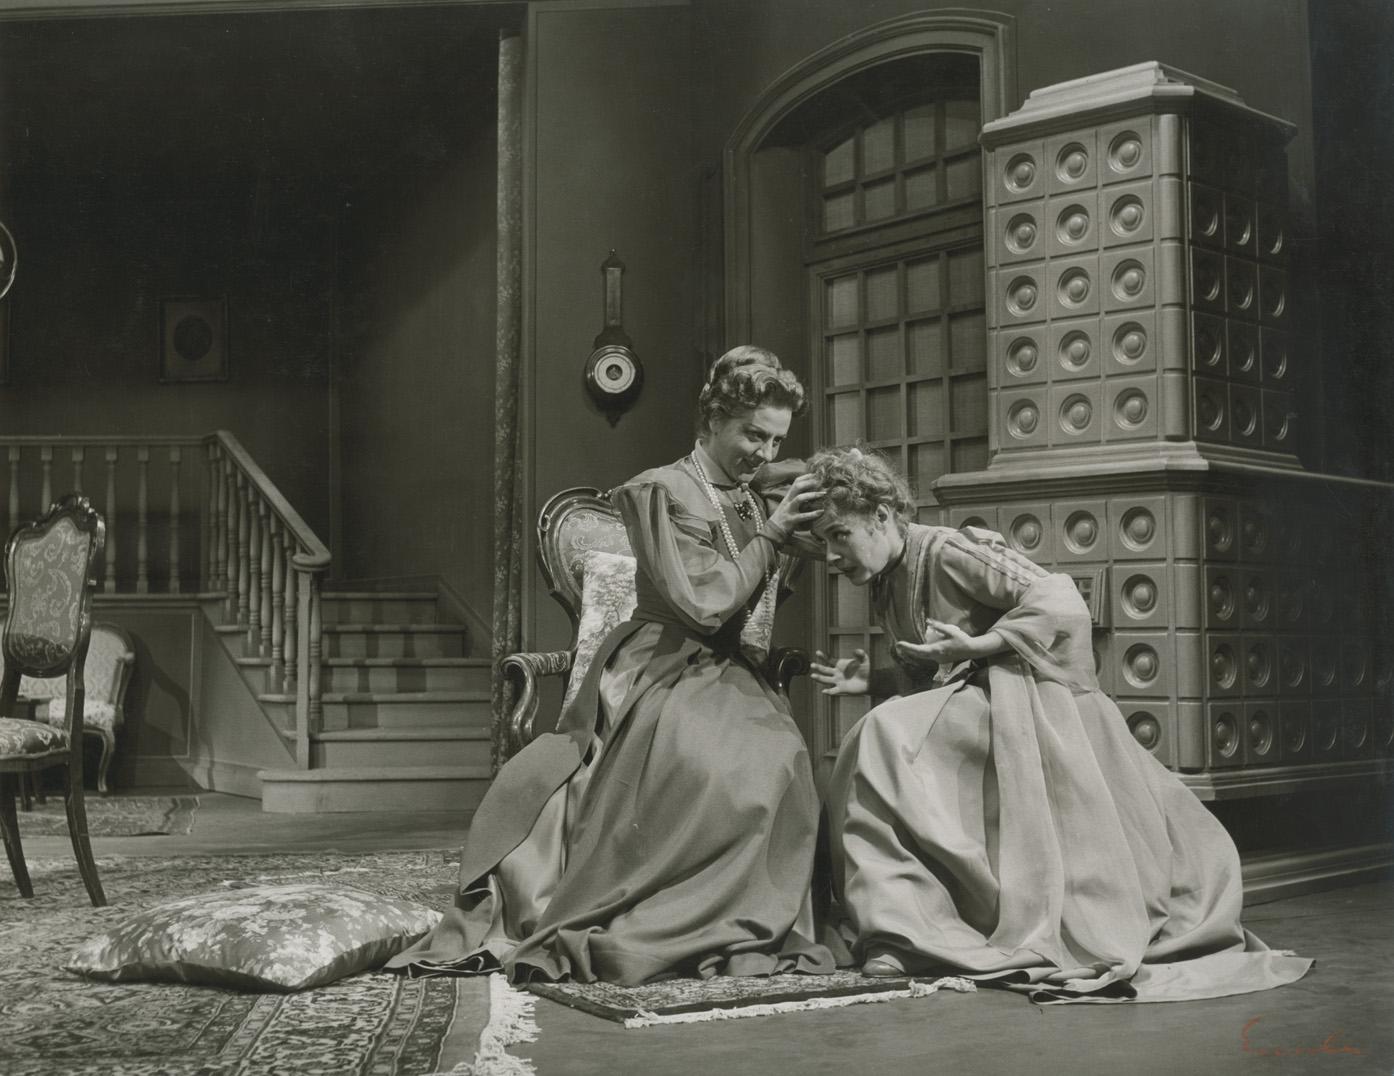 Έντα Γκάμπλερ, Εθνικό θέατρο, 1957, Μαίρη Αρώνη, Μαρία Αλκαίου